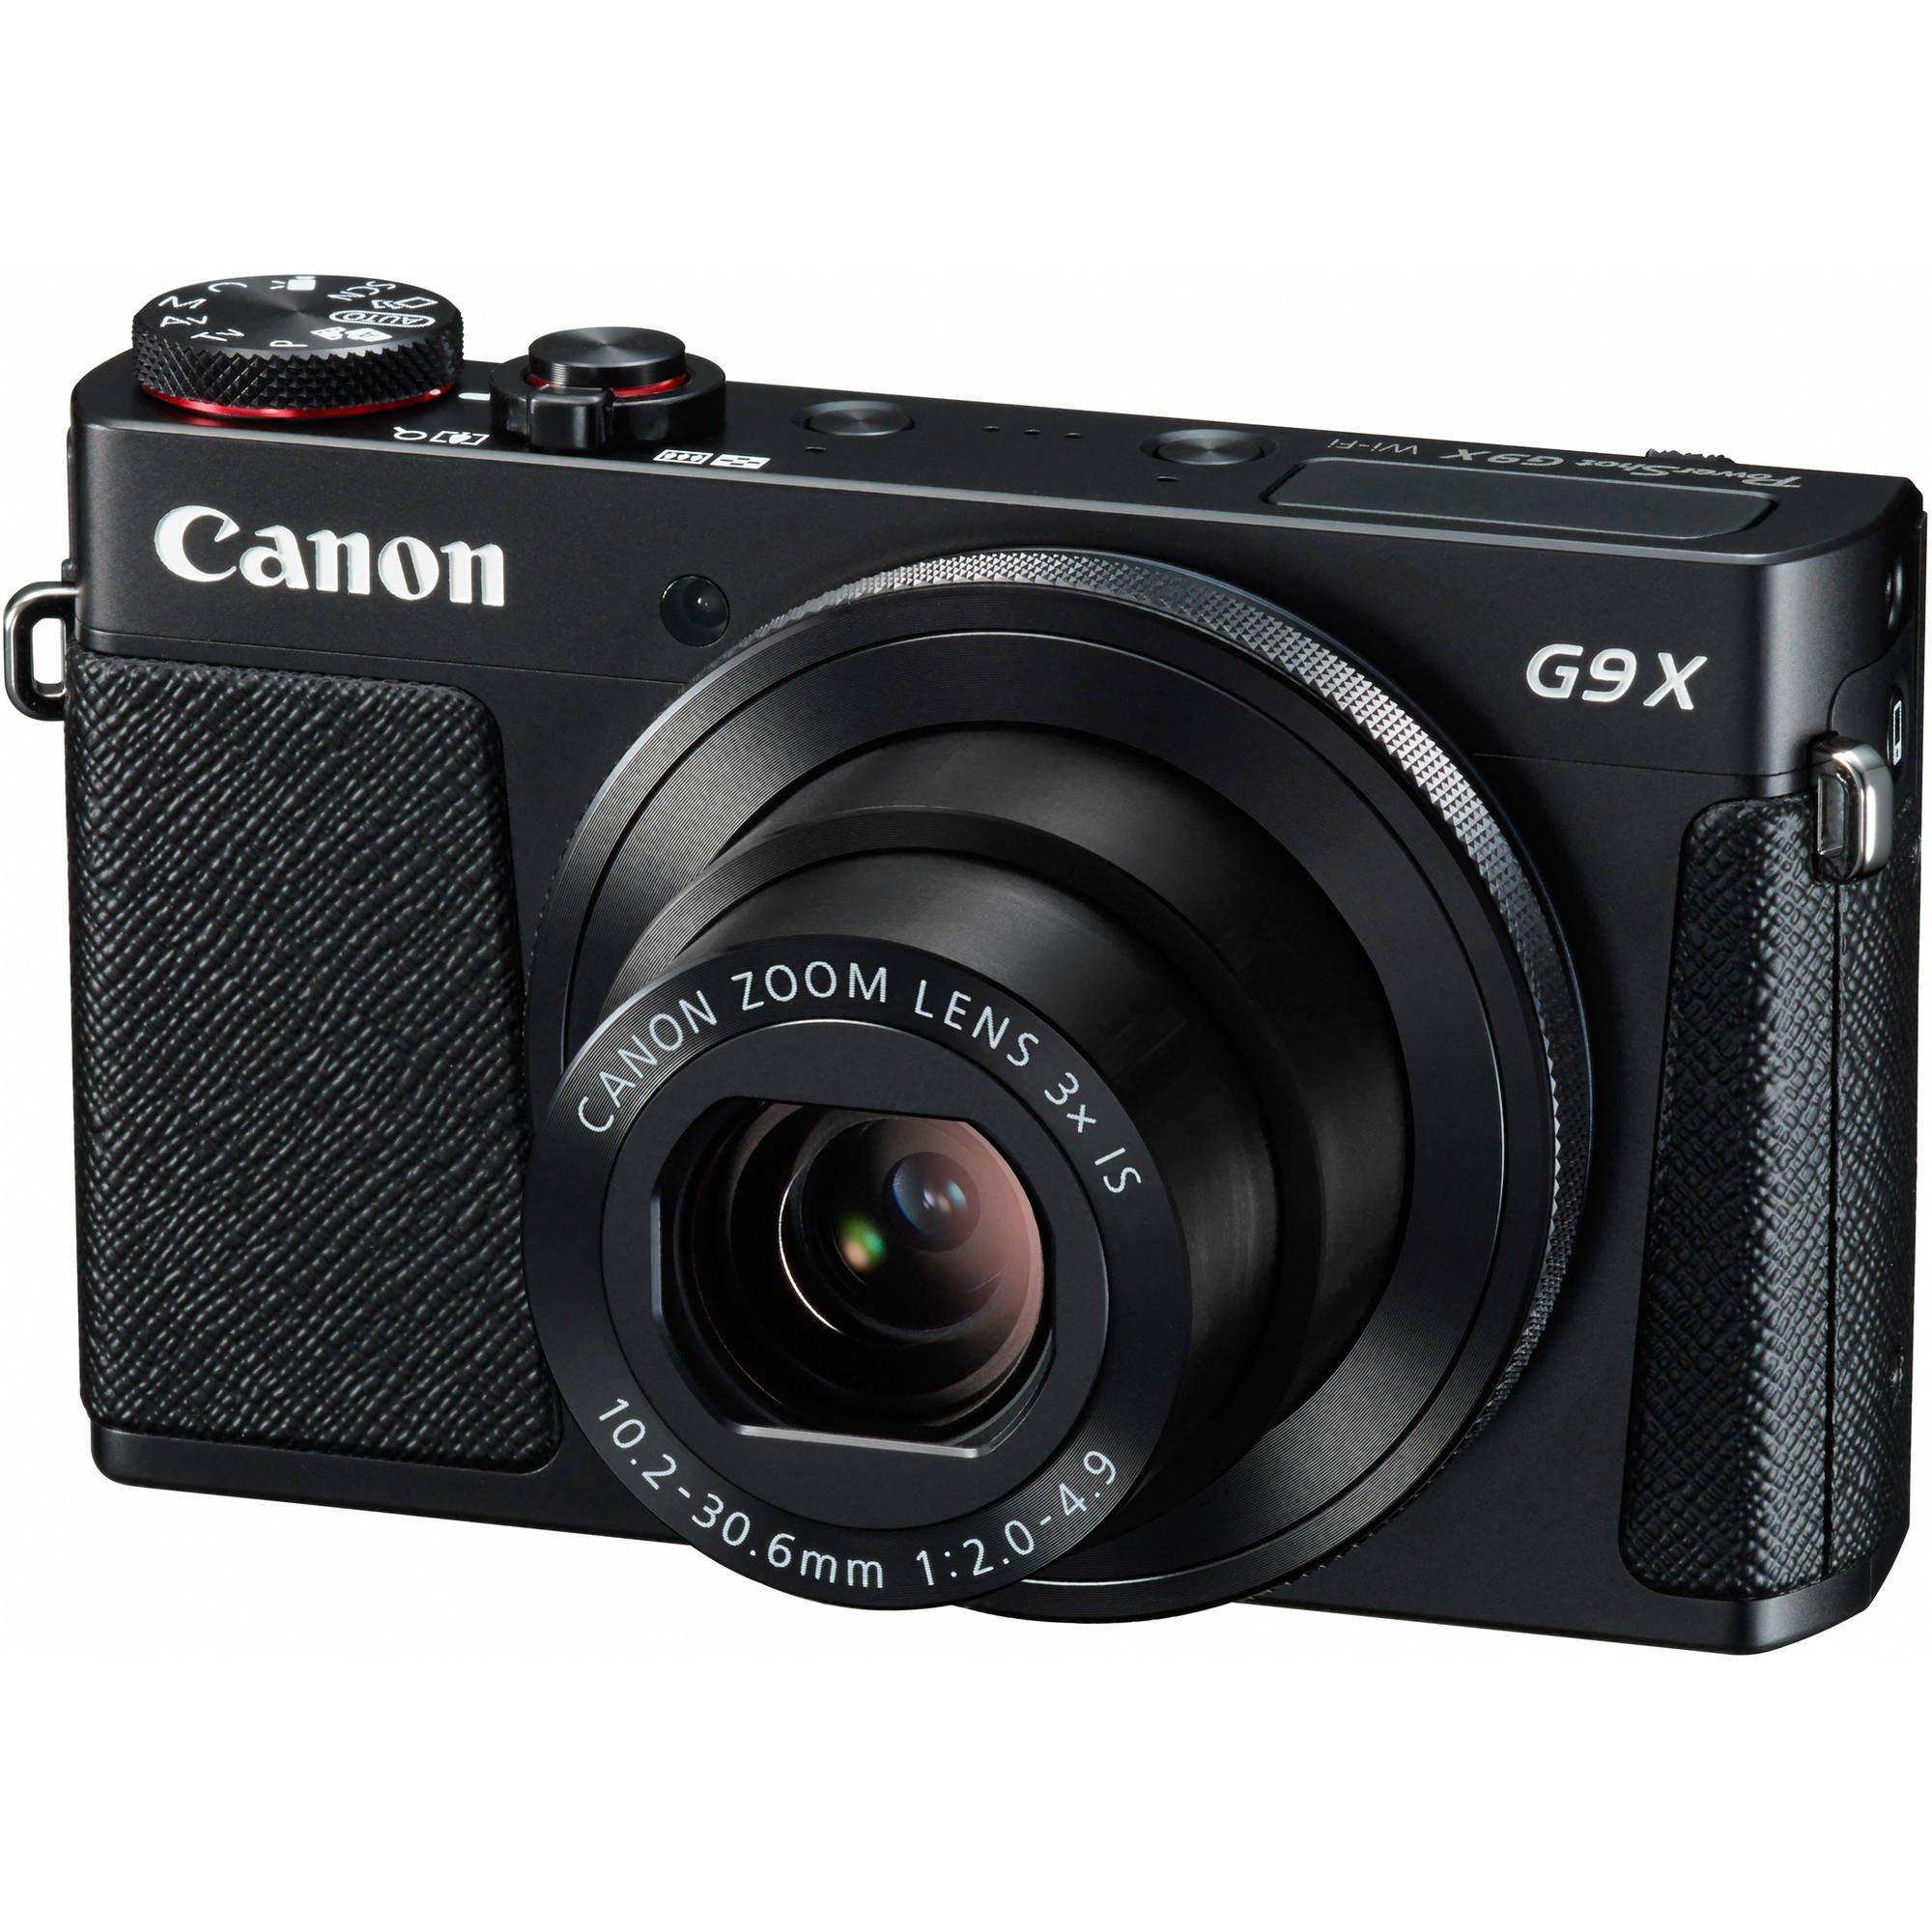 CANON PowerShot G9 X černý + získejte zpět 1000 Kč